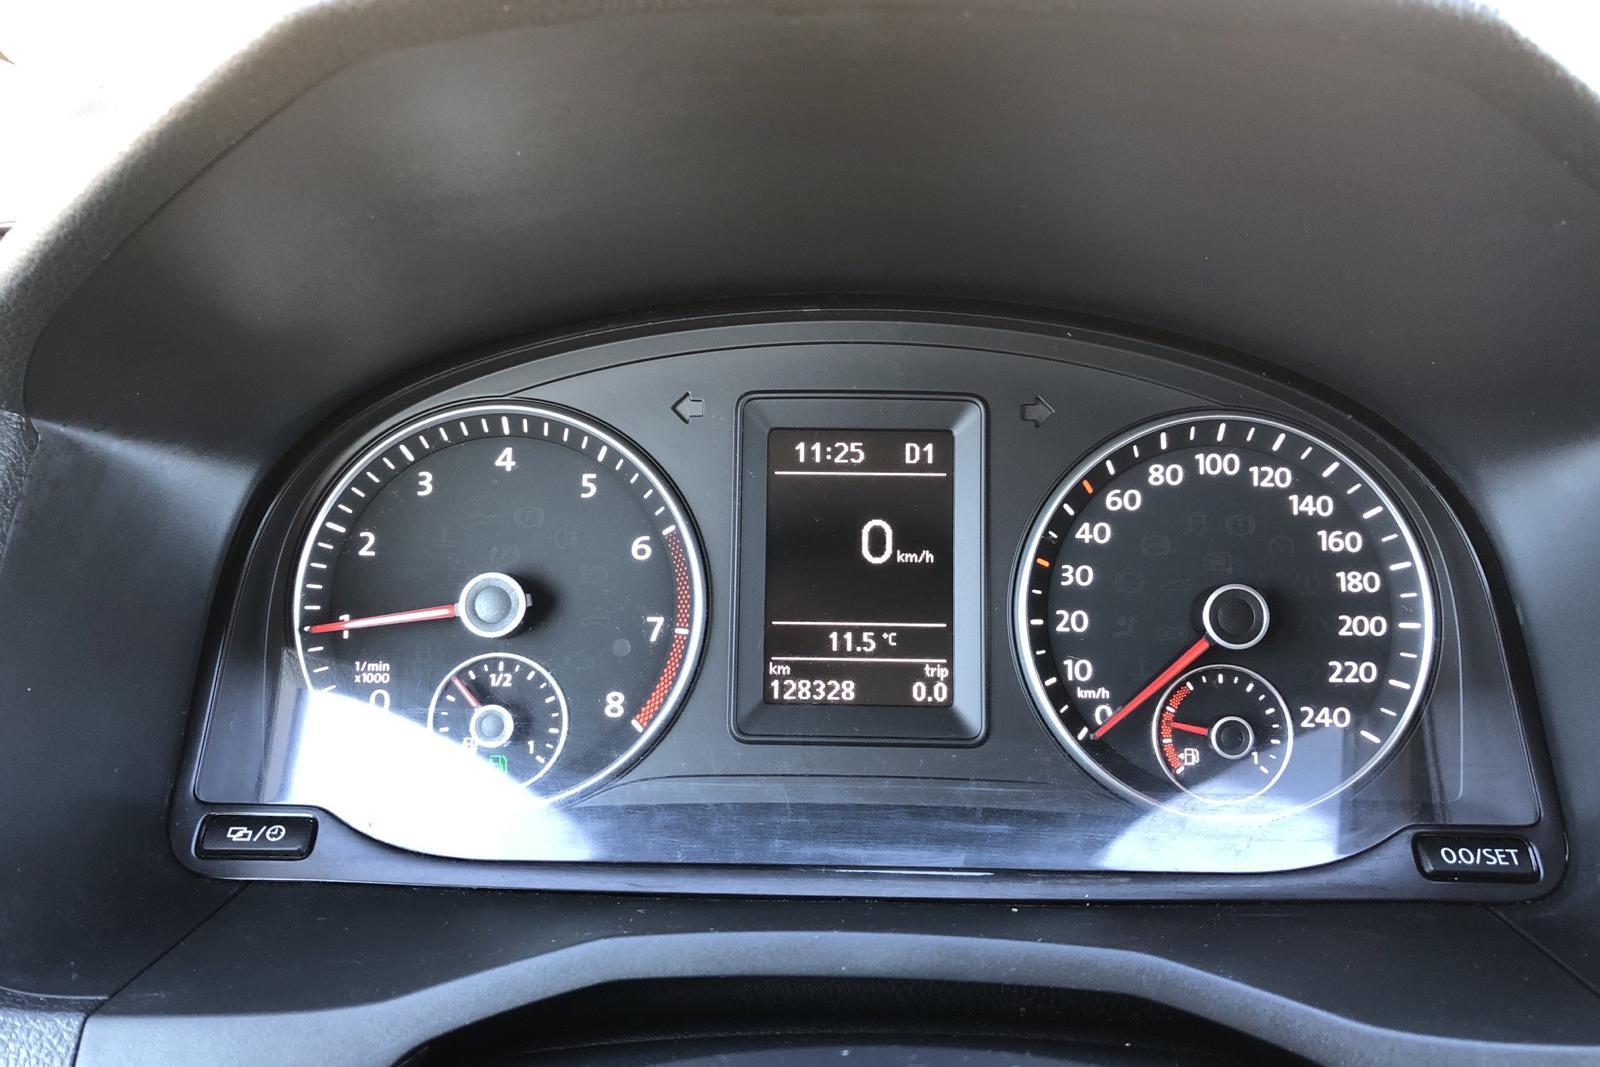 VW Caddy MPV Maxi  Life 1.4 TGI (110hk) - 0 mil - Automat - vit - 2018